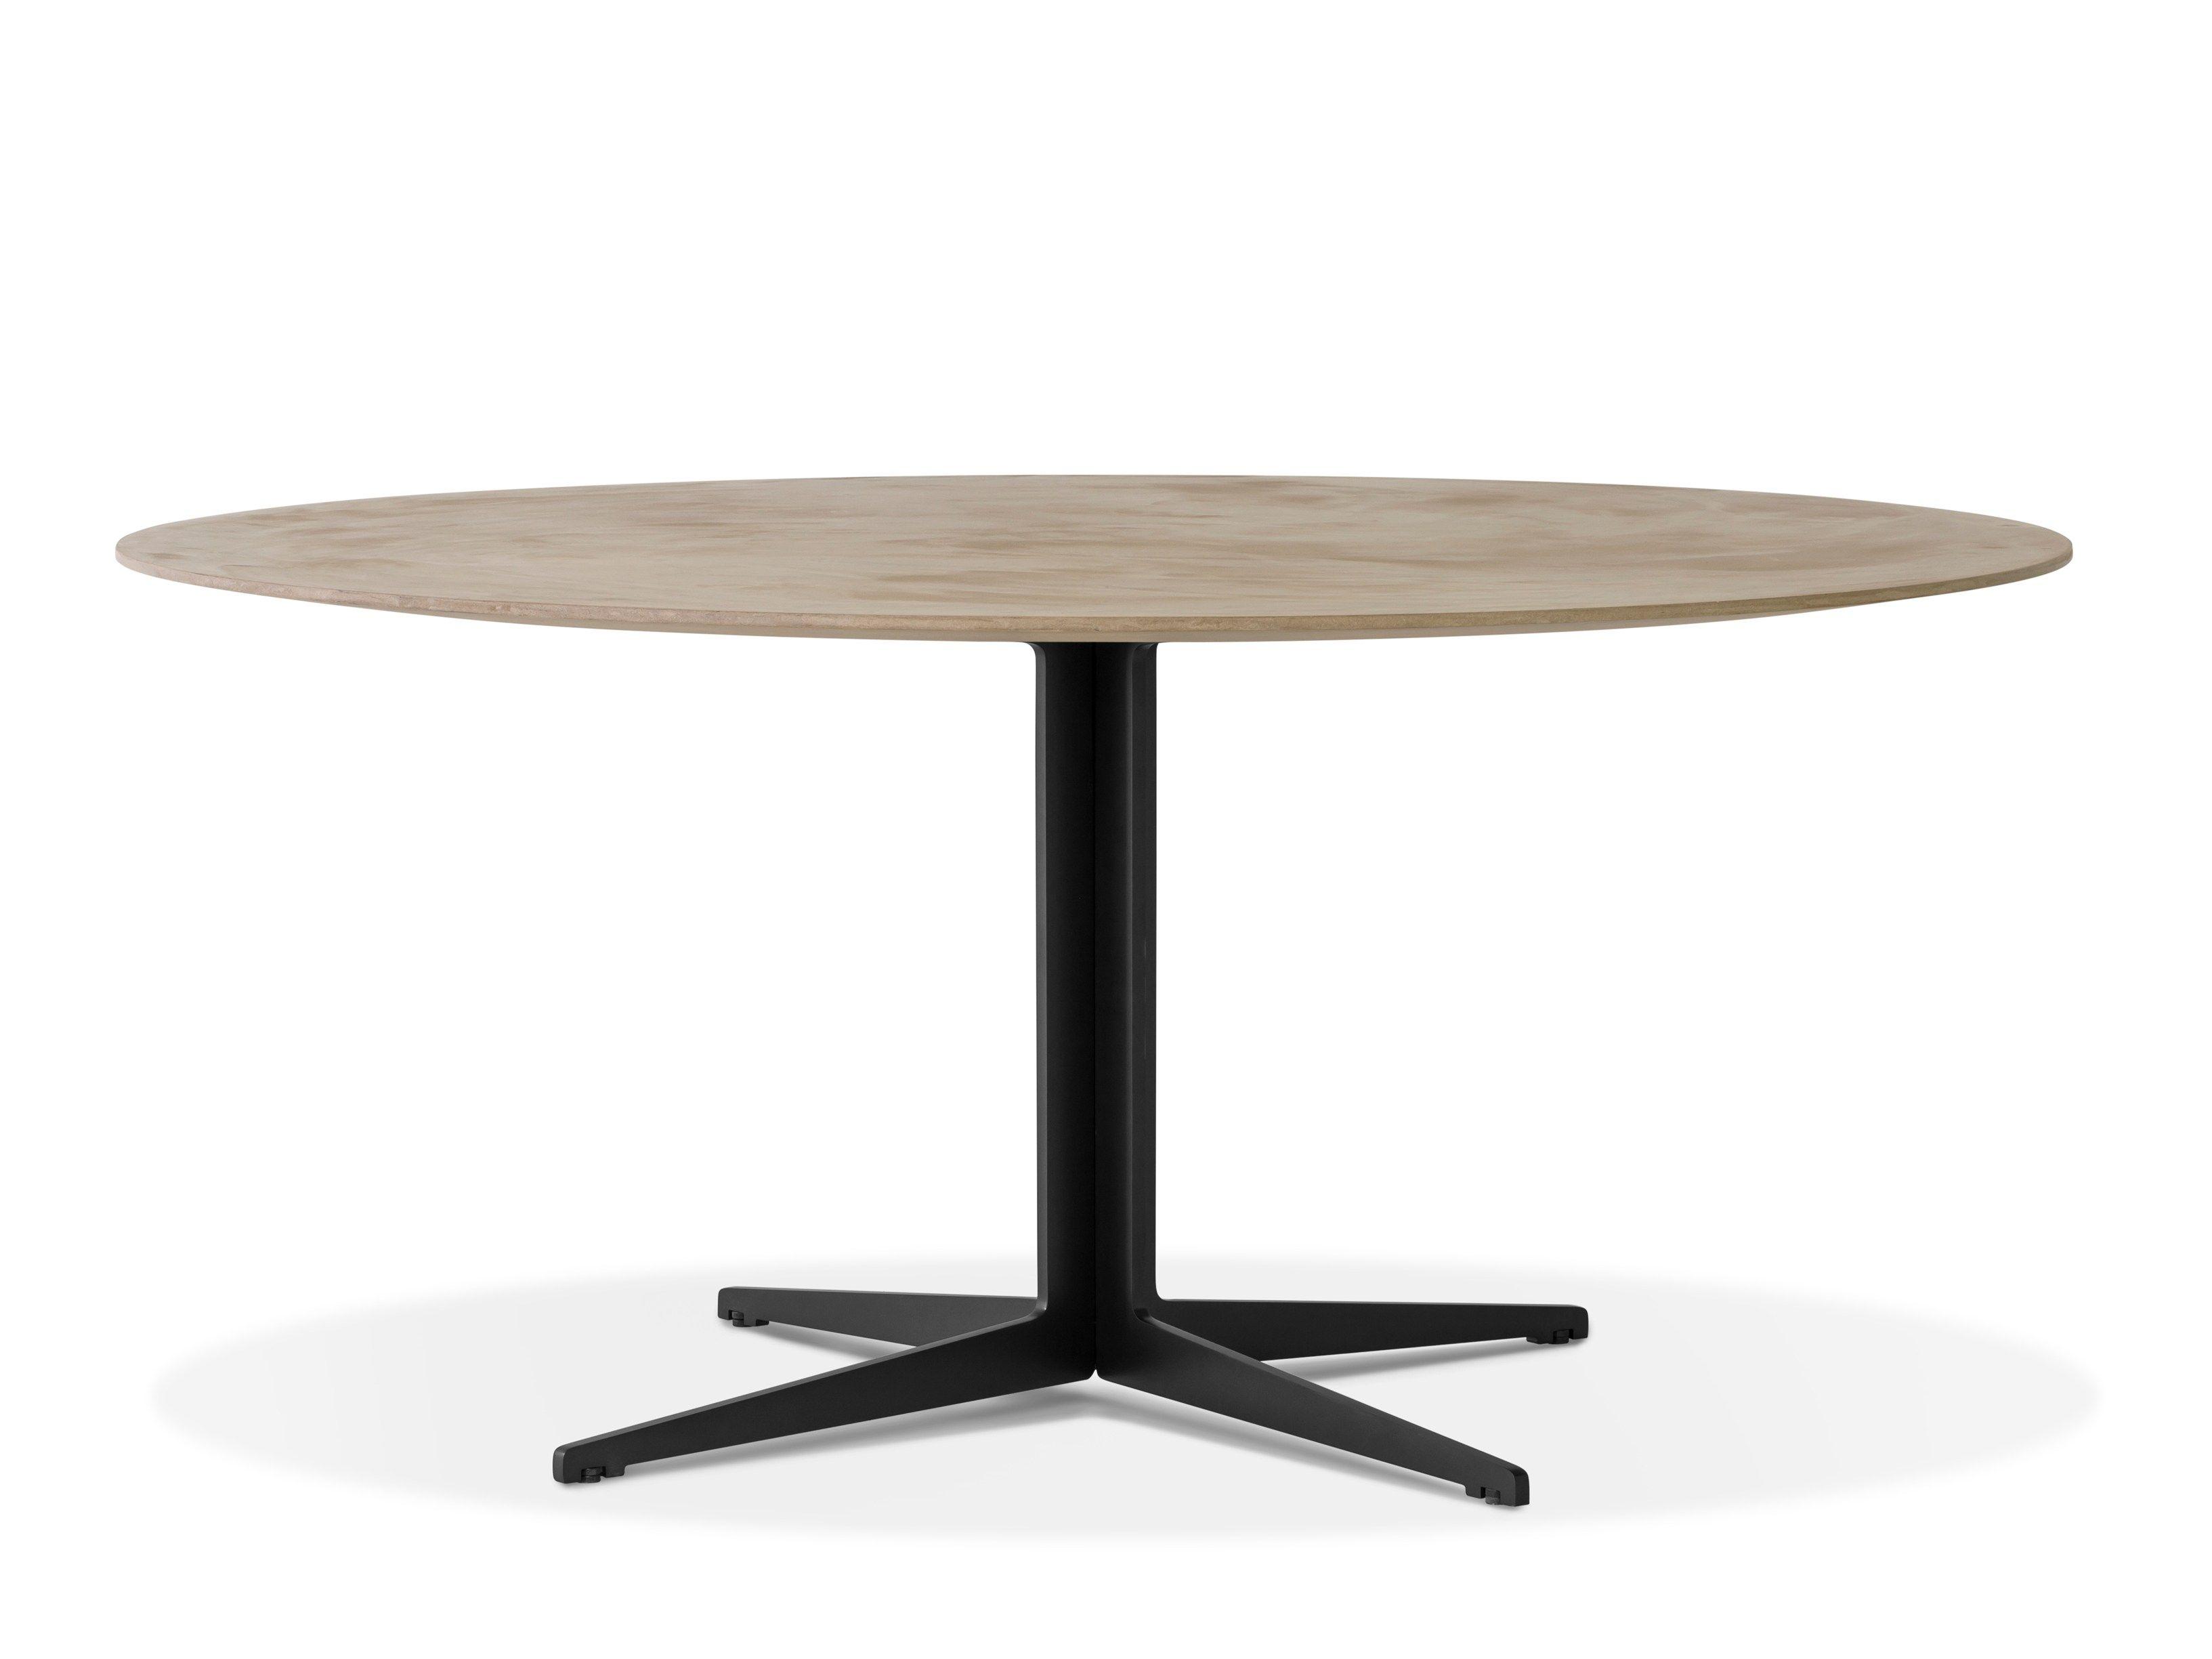 tavoli | tavoli e sedie | archiproducts - Tavoli Rotondi Allungabili Bianchi